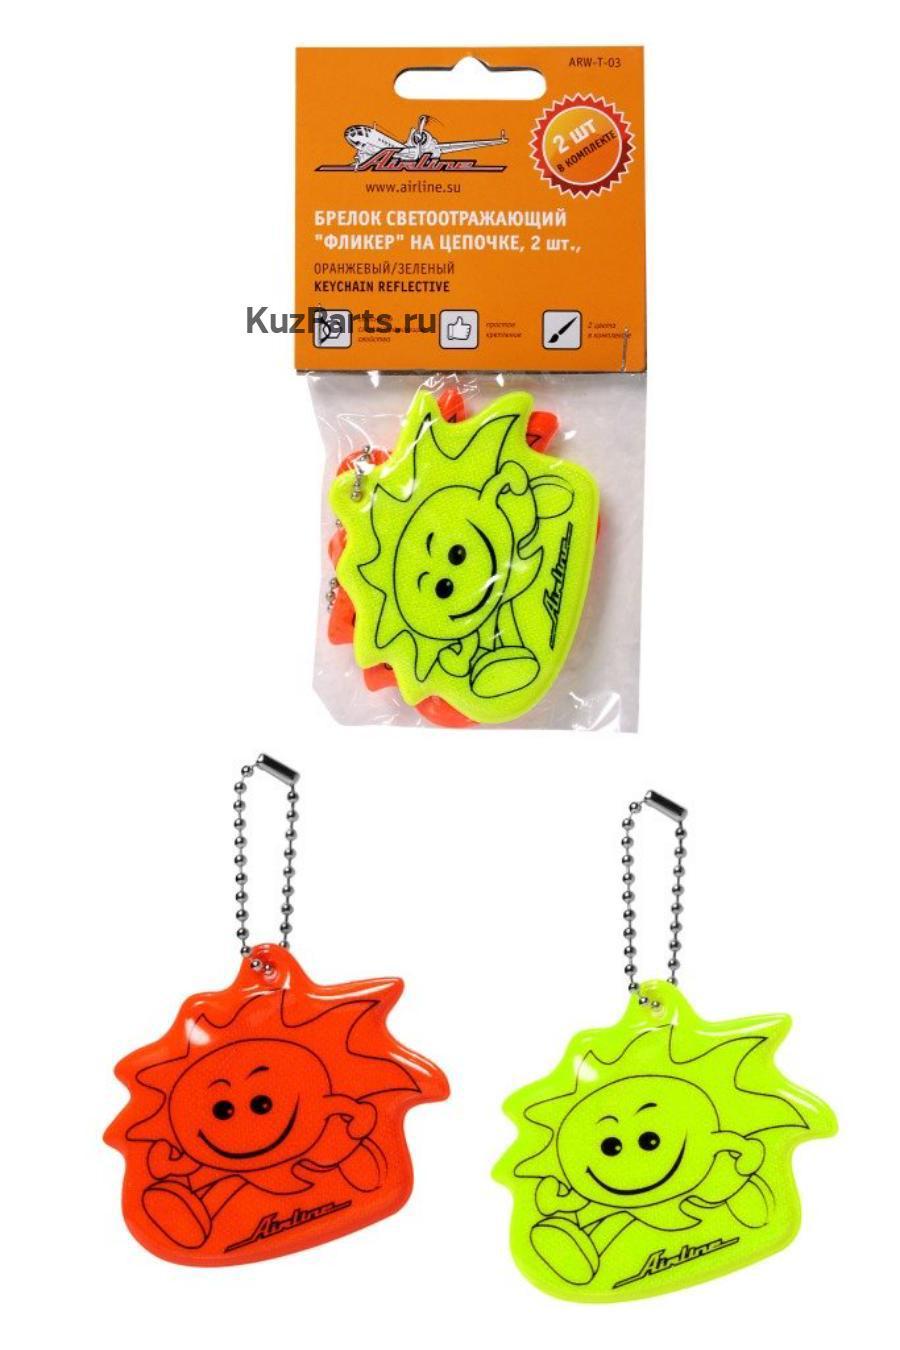 """Брелок светоотражающий """"Фликер"""" на цепочке, 2 шт., оранжевый/зеленый"""